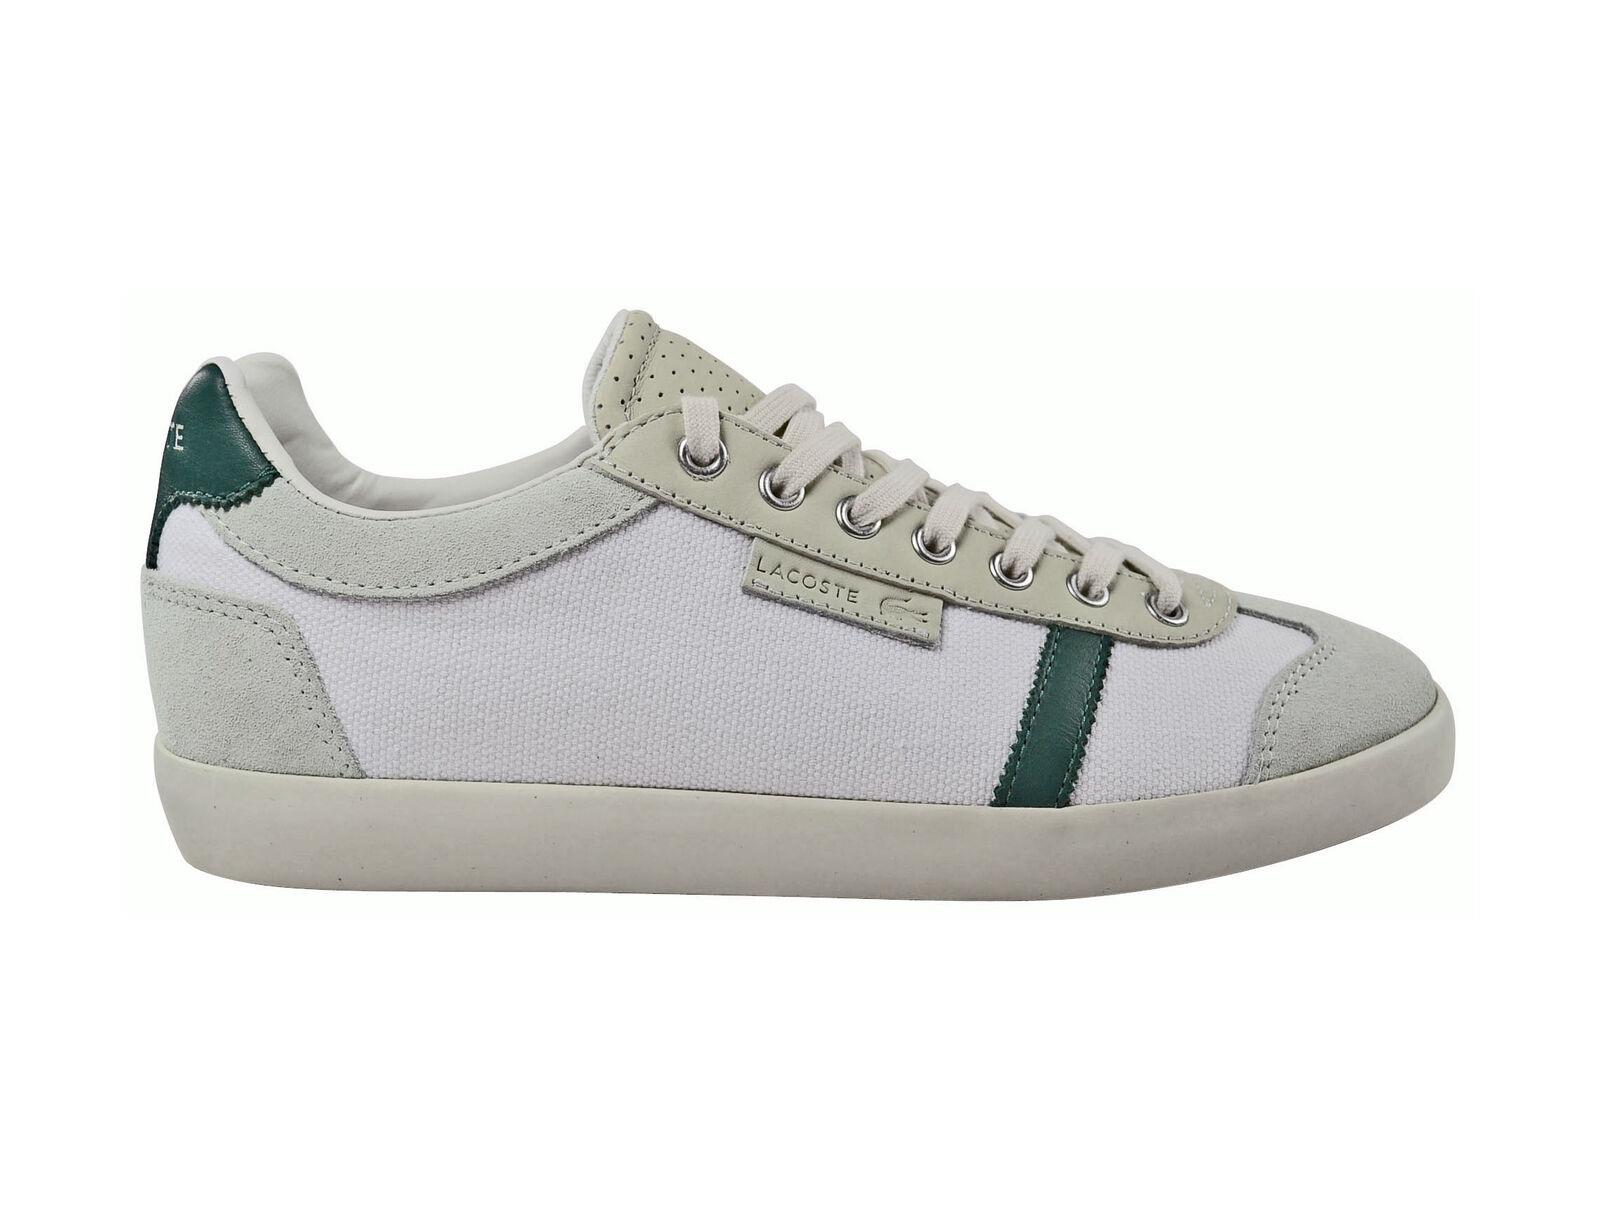 Lacoste Brendel 2 SRM OFF white/green Schuhe/Sneaker weiß Größenauswahl!